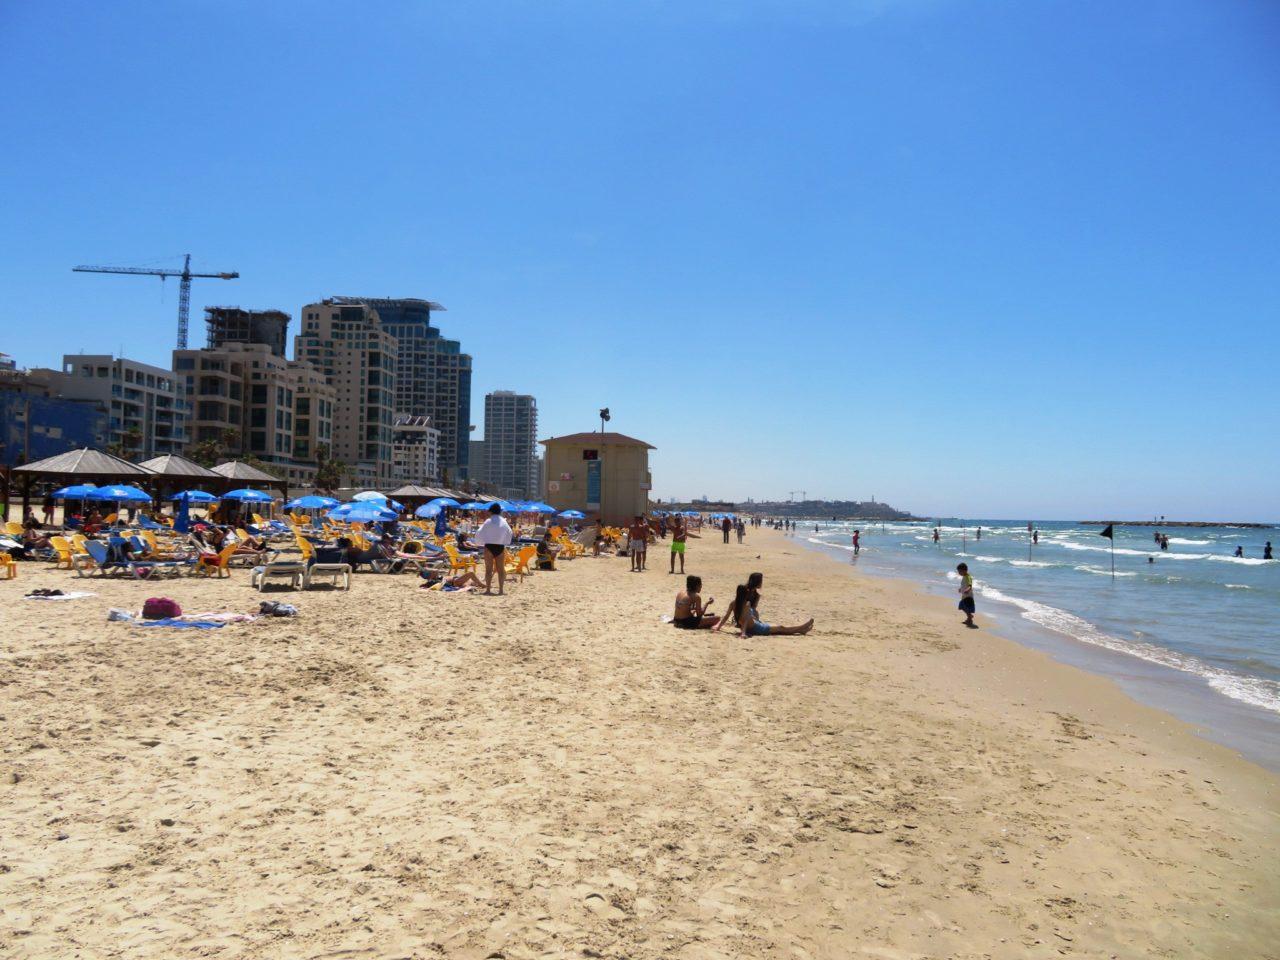 Vacationing in Israel ... The Tel Aviv Beach